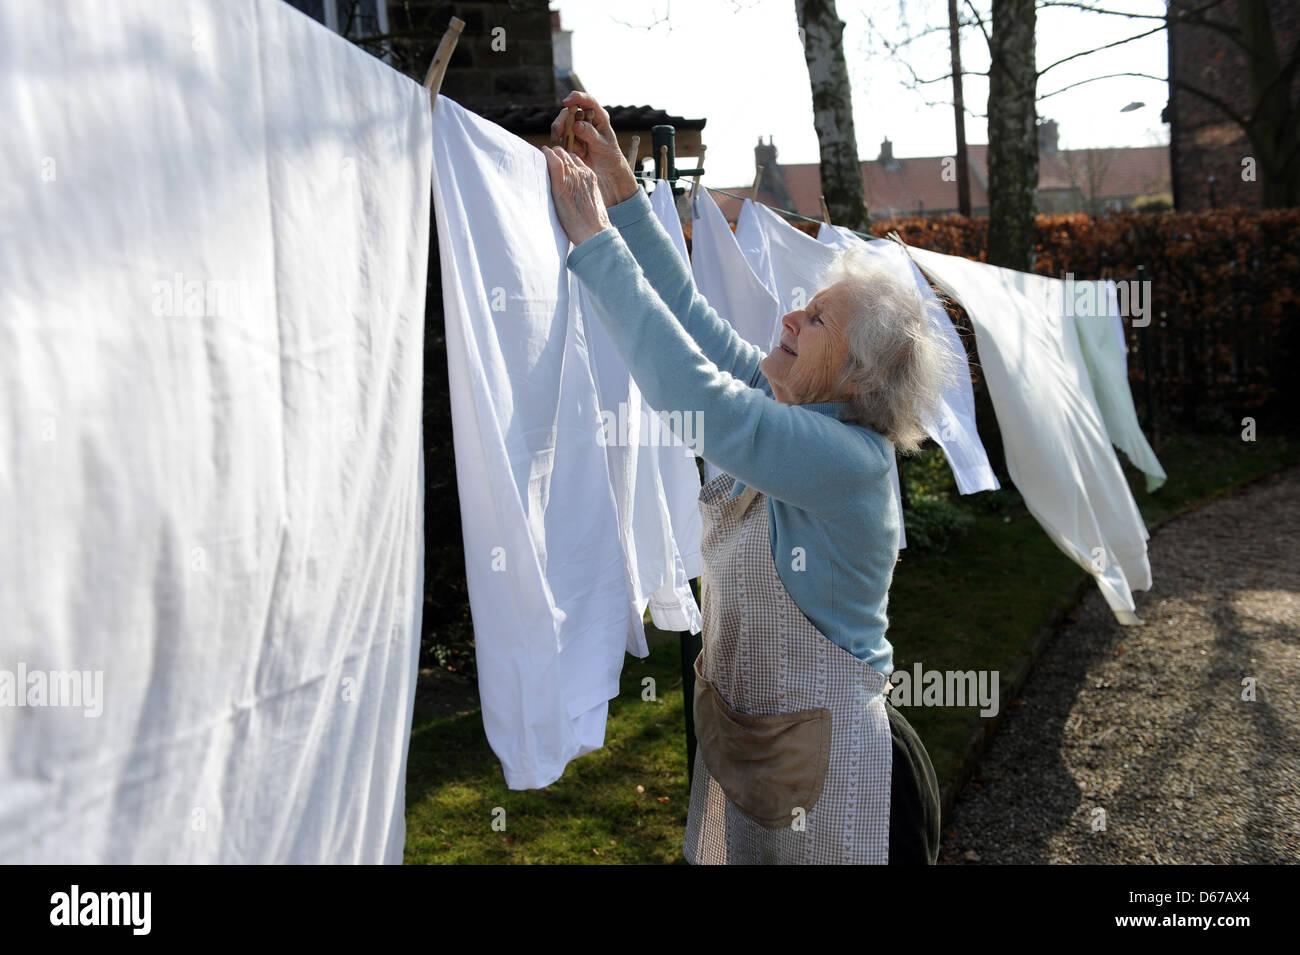 Jubilado anciano colgando fuera de una línea de lavado en su línea de lavado en abril. Imagen De Stock